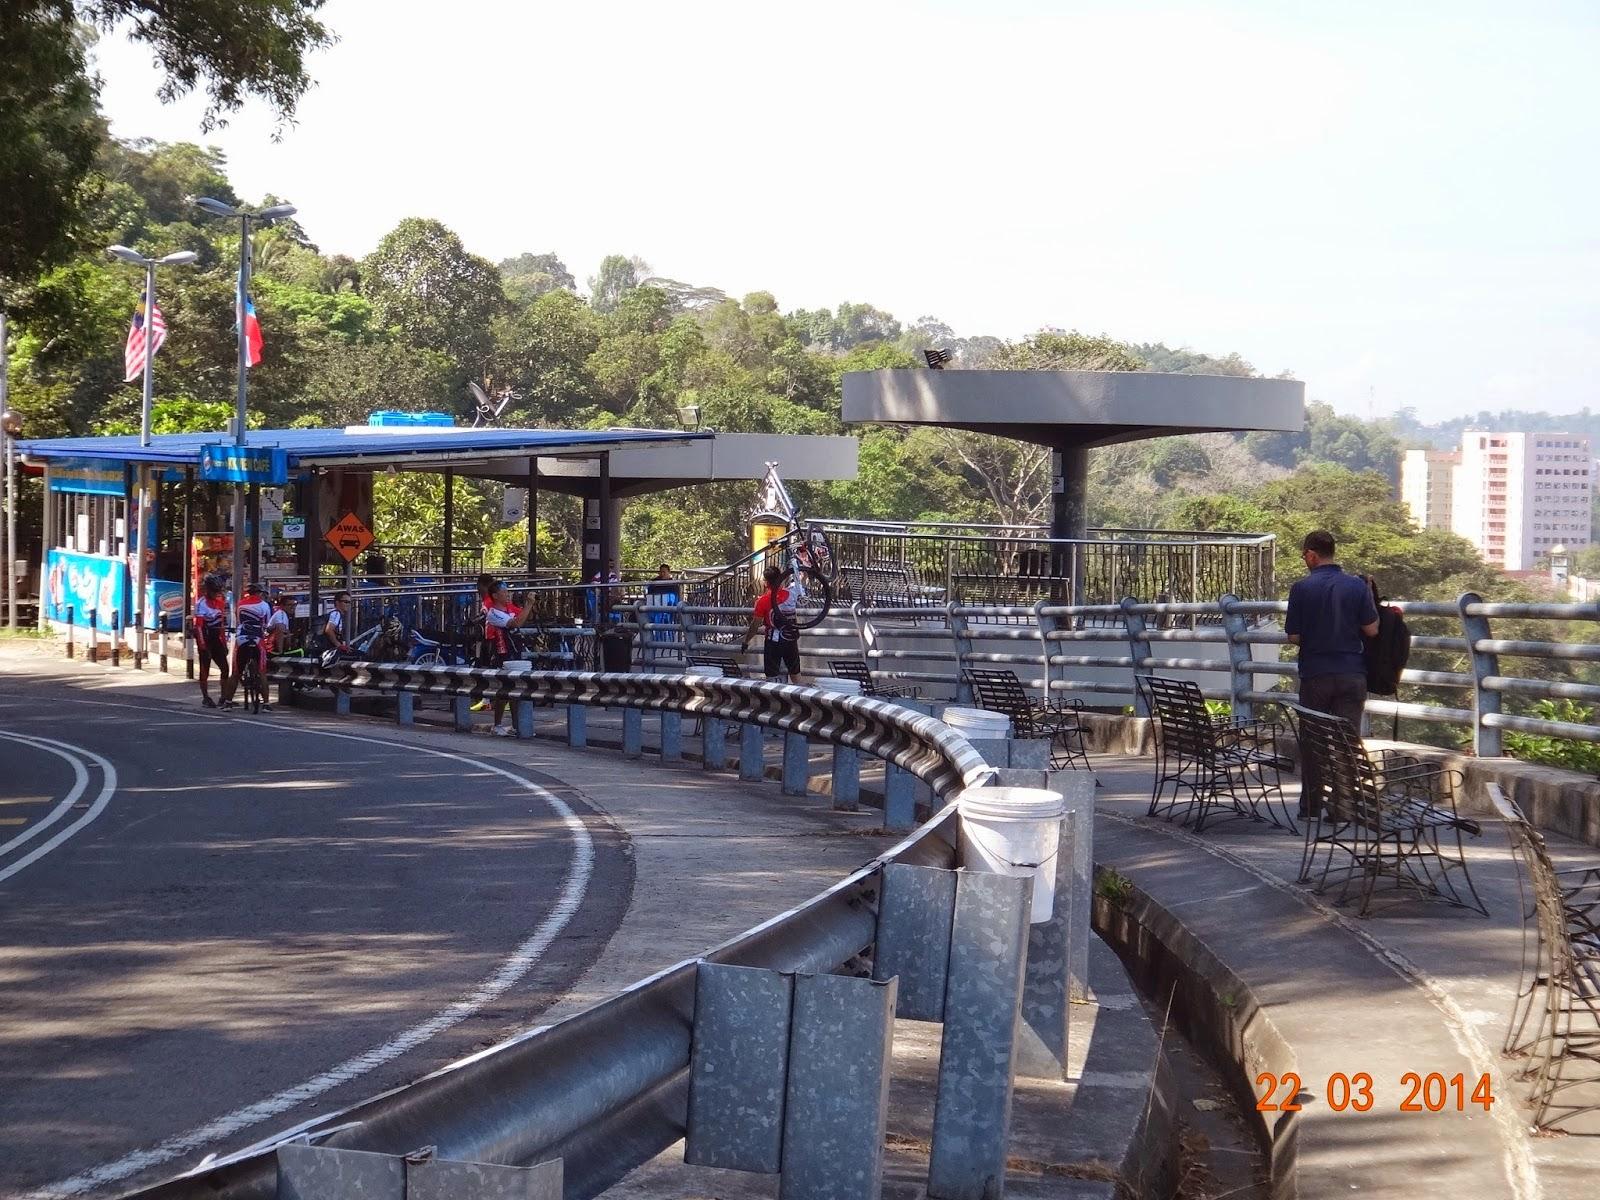 dating places in kota kinabalu Lot 5-15, first floor, block b, the peak vista, lorong puncak (jalan signal hill), kota kinabalu, sabah café 67 tips and reviews adzrul.